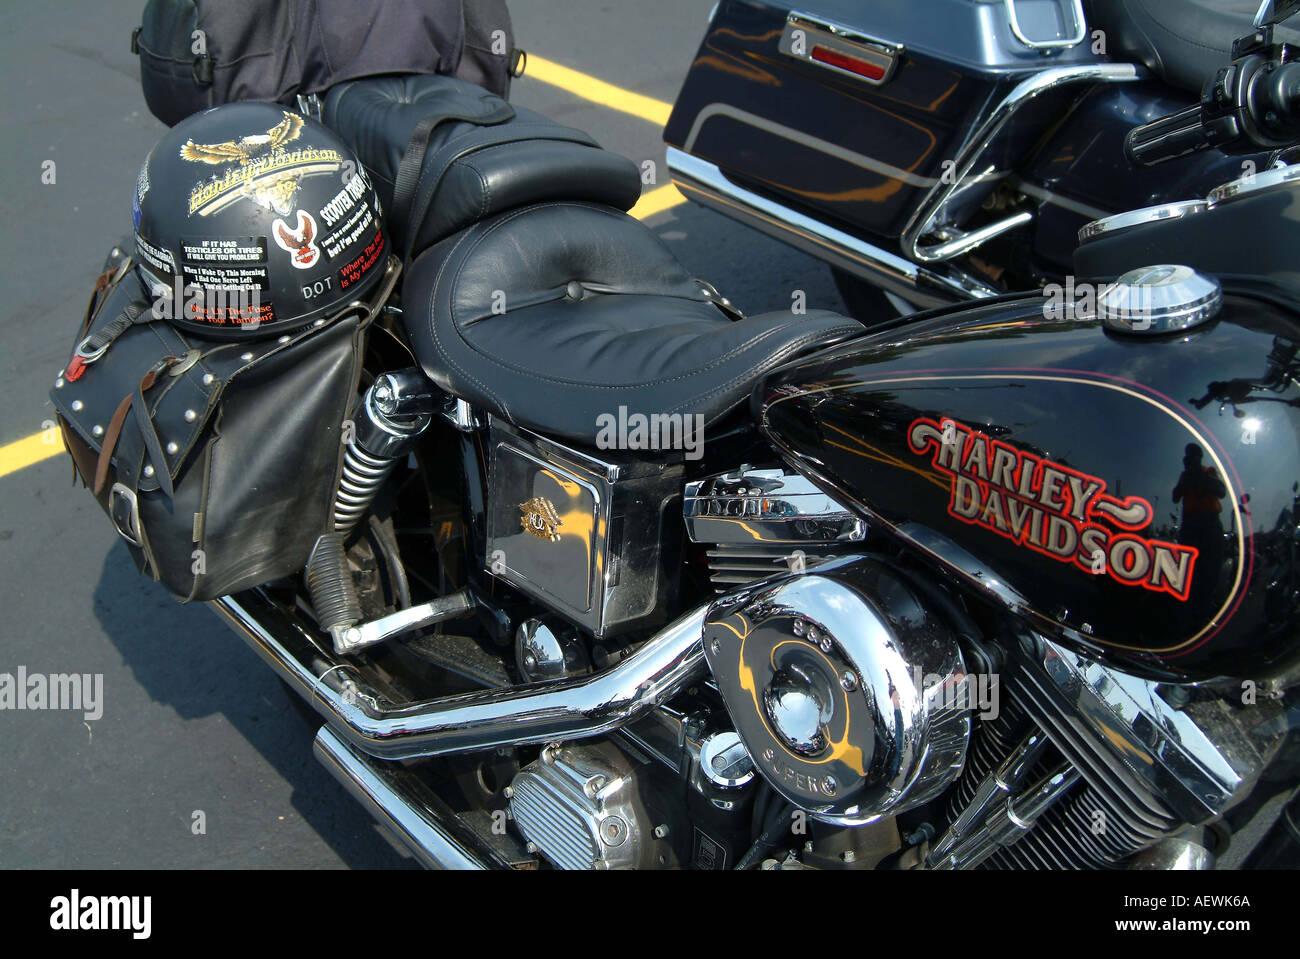 Geparkten Harley Davidson Motorrad Mit Geschnallt Stark